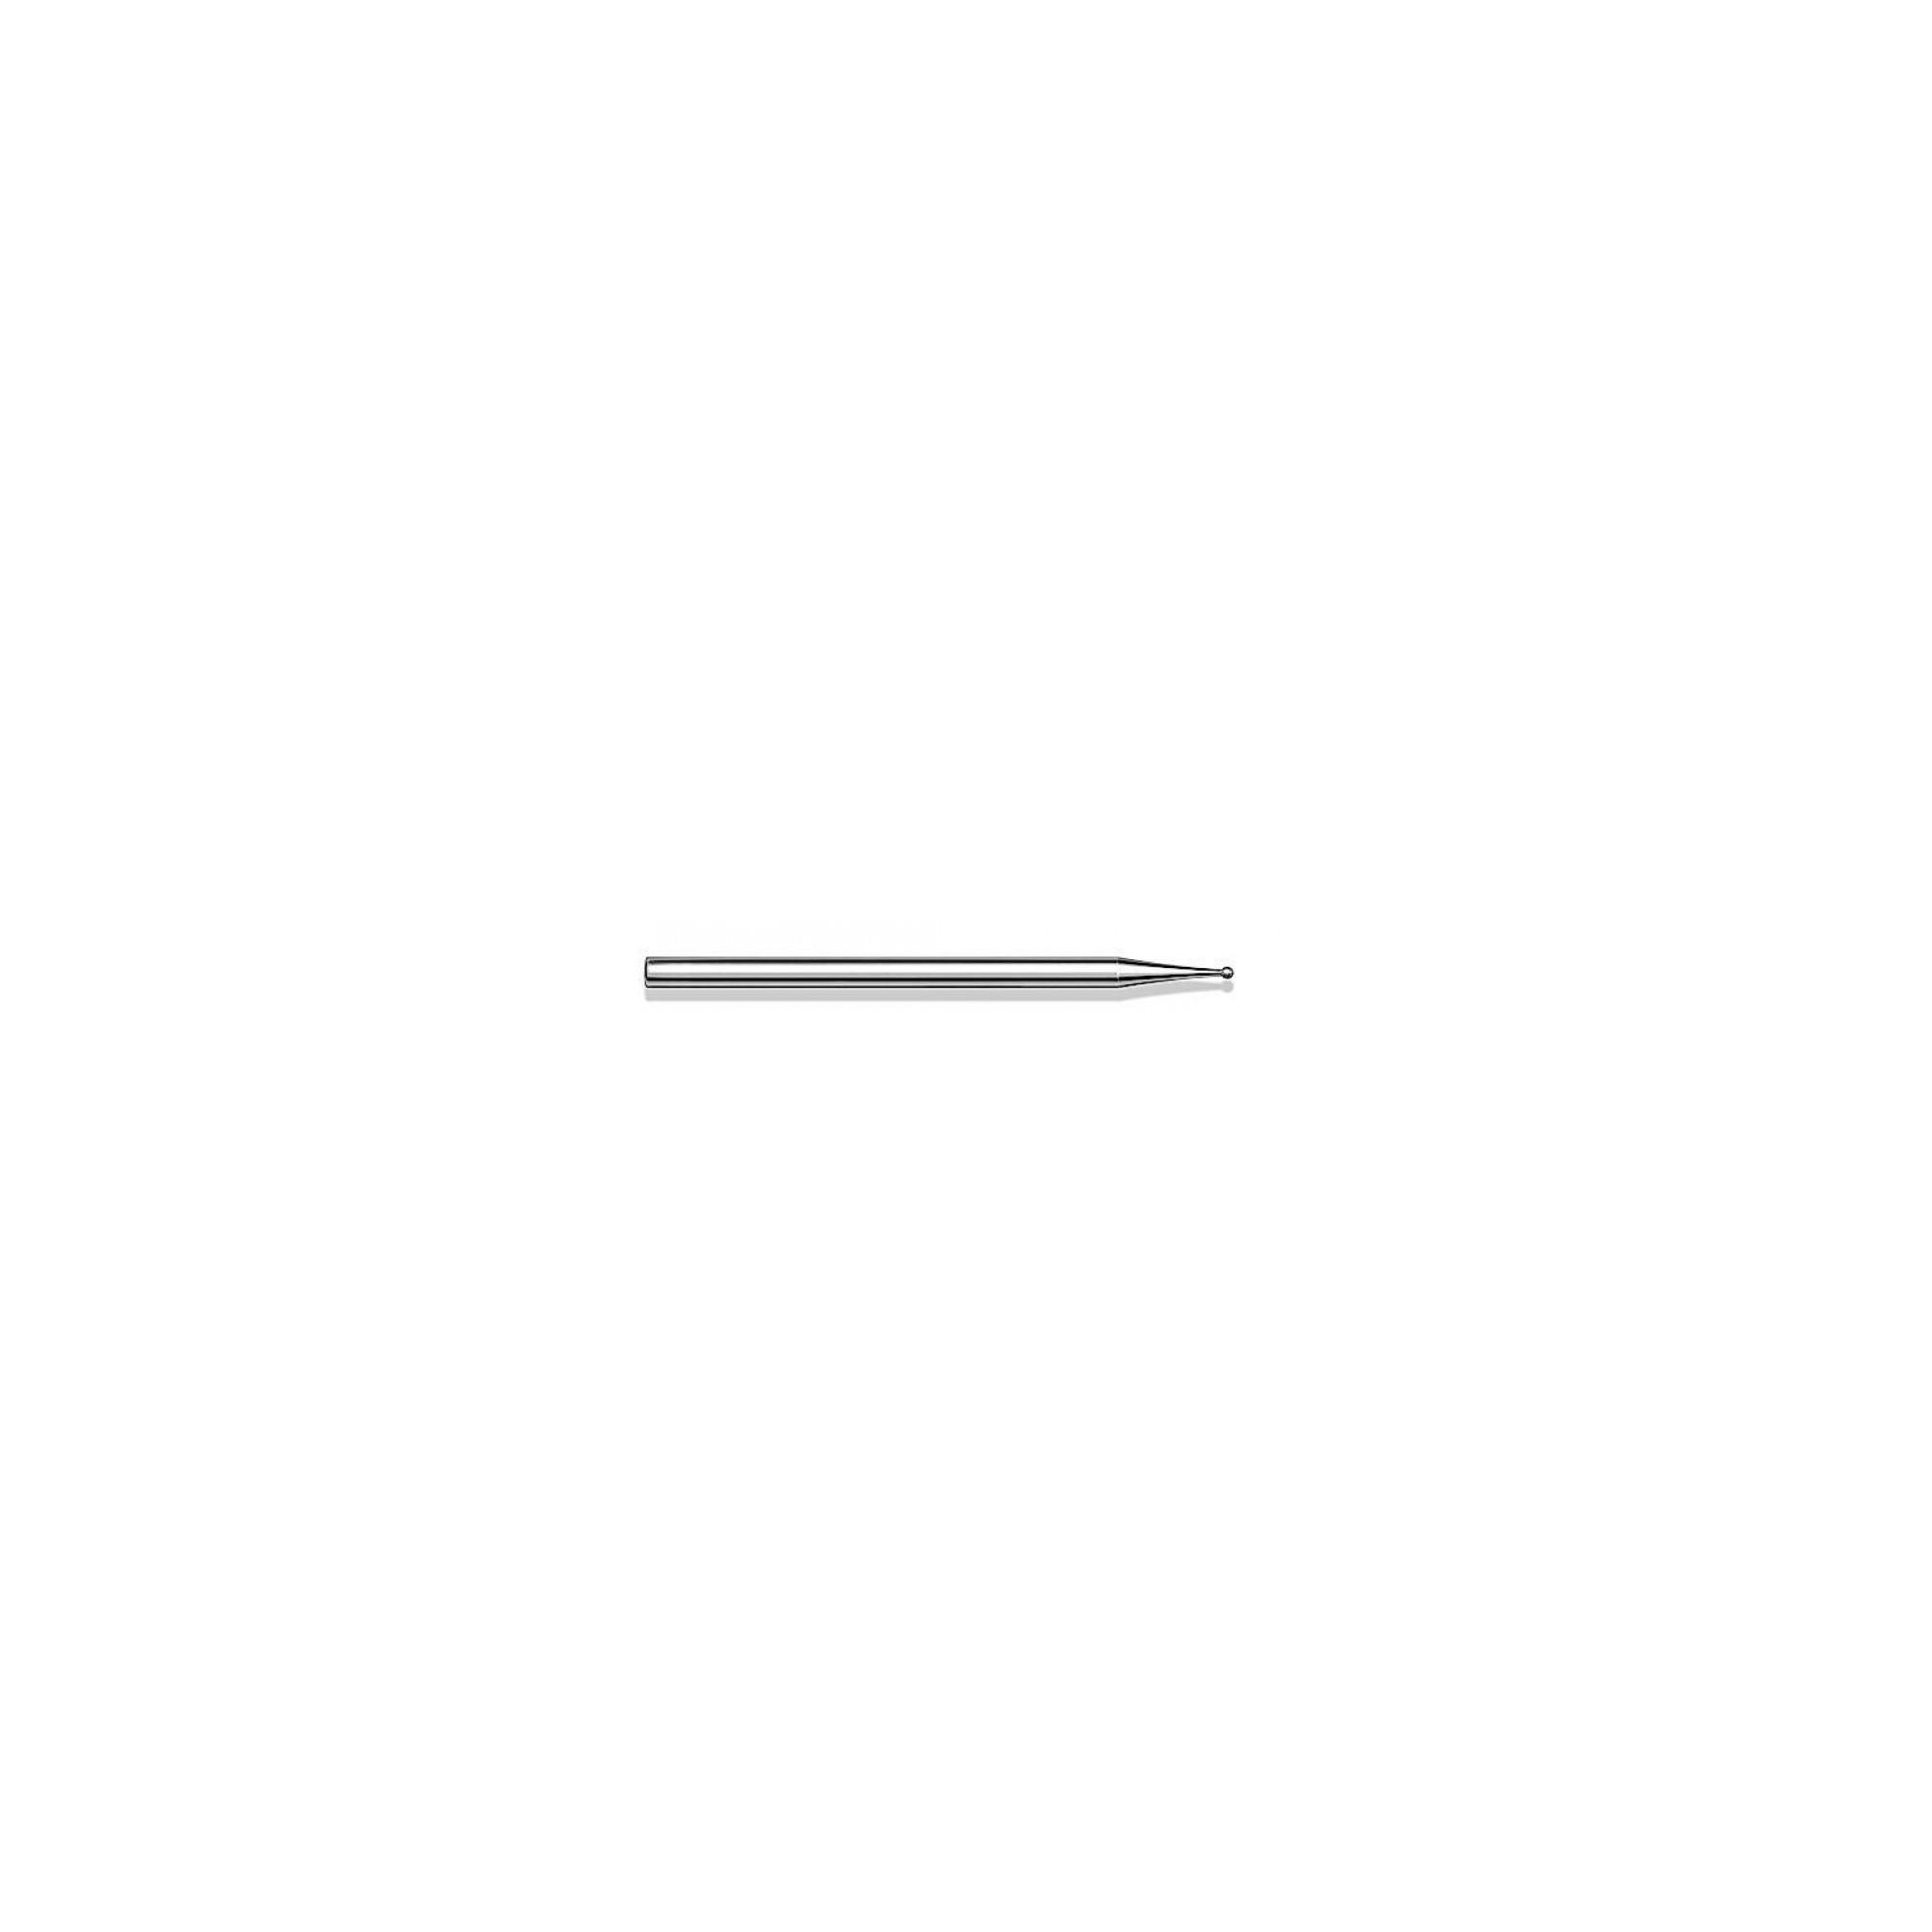 Fraise diamantée standard - Lissage des ongles et des callosités - Enucléation - Grain moyen - Pack de 2 fraises - ø1,0mm